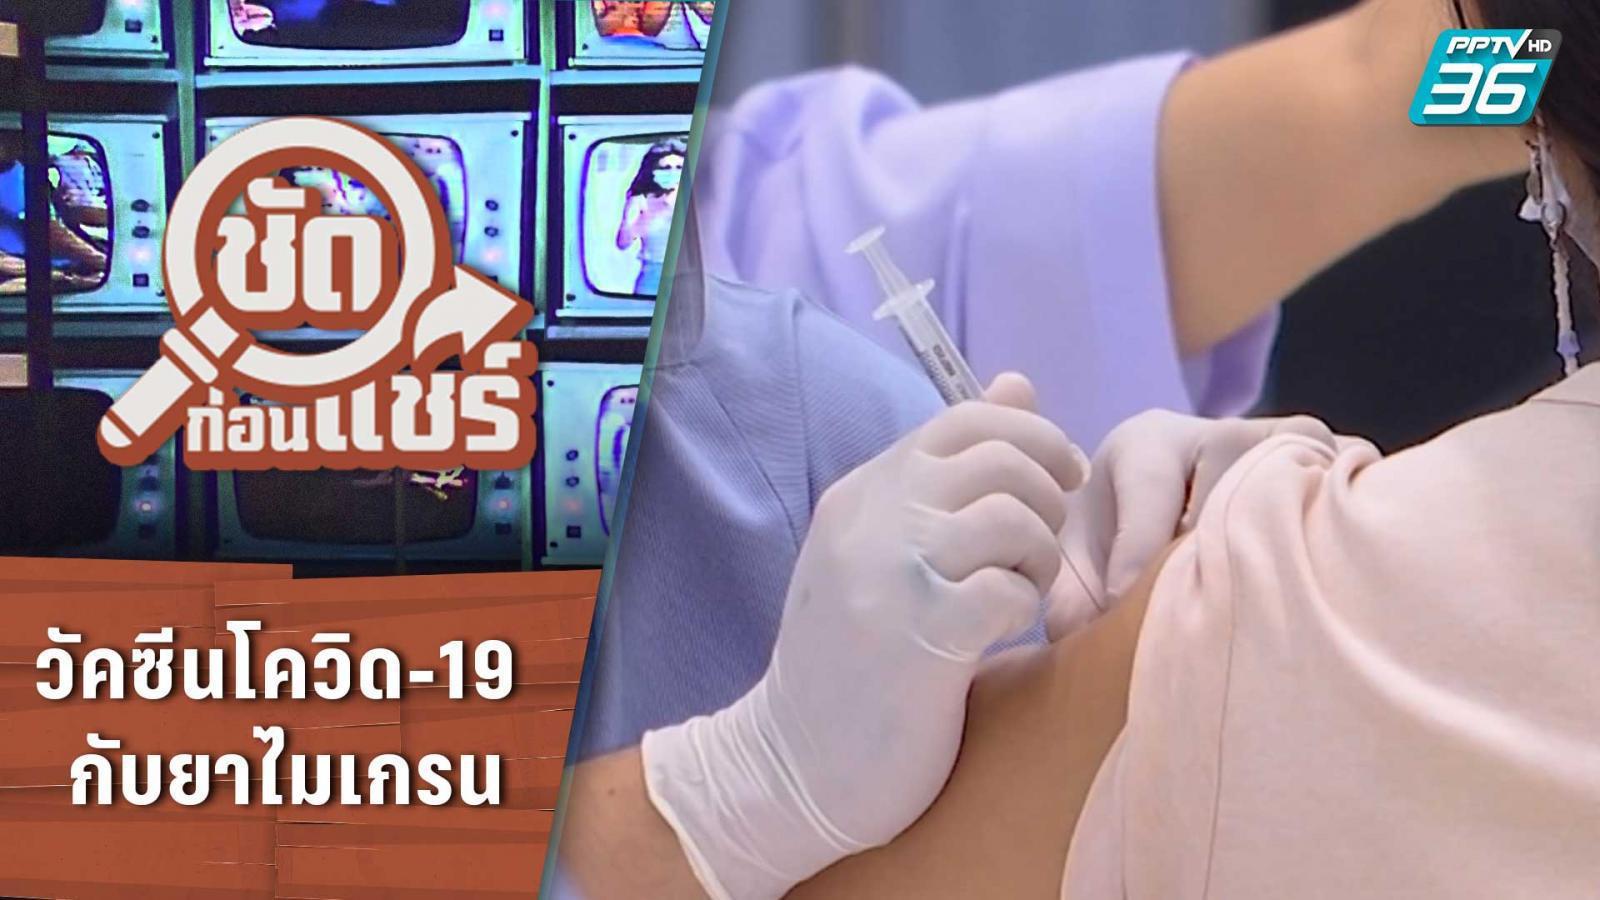 ชัดก่อนแชร์ | ฉีดวัคซีนโควิด-19 ต้องงดยาไมเกรน จริงหรือ? | PPTV HD 36